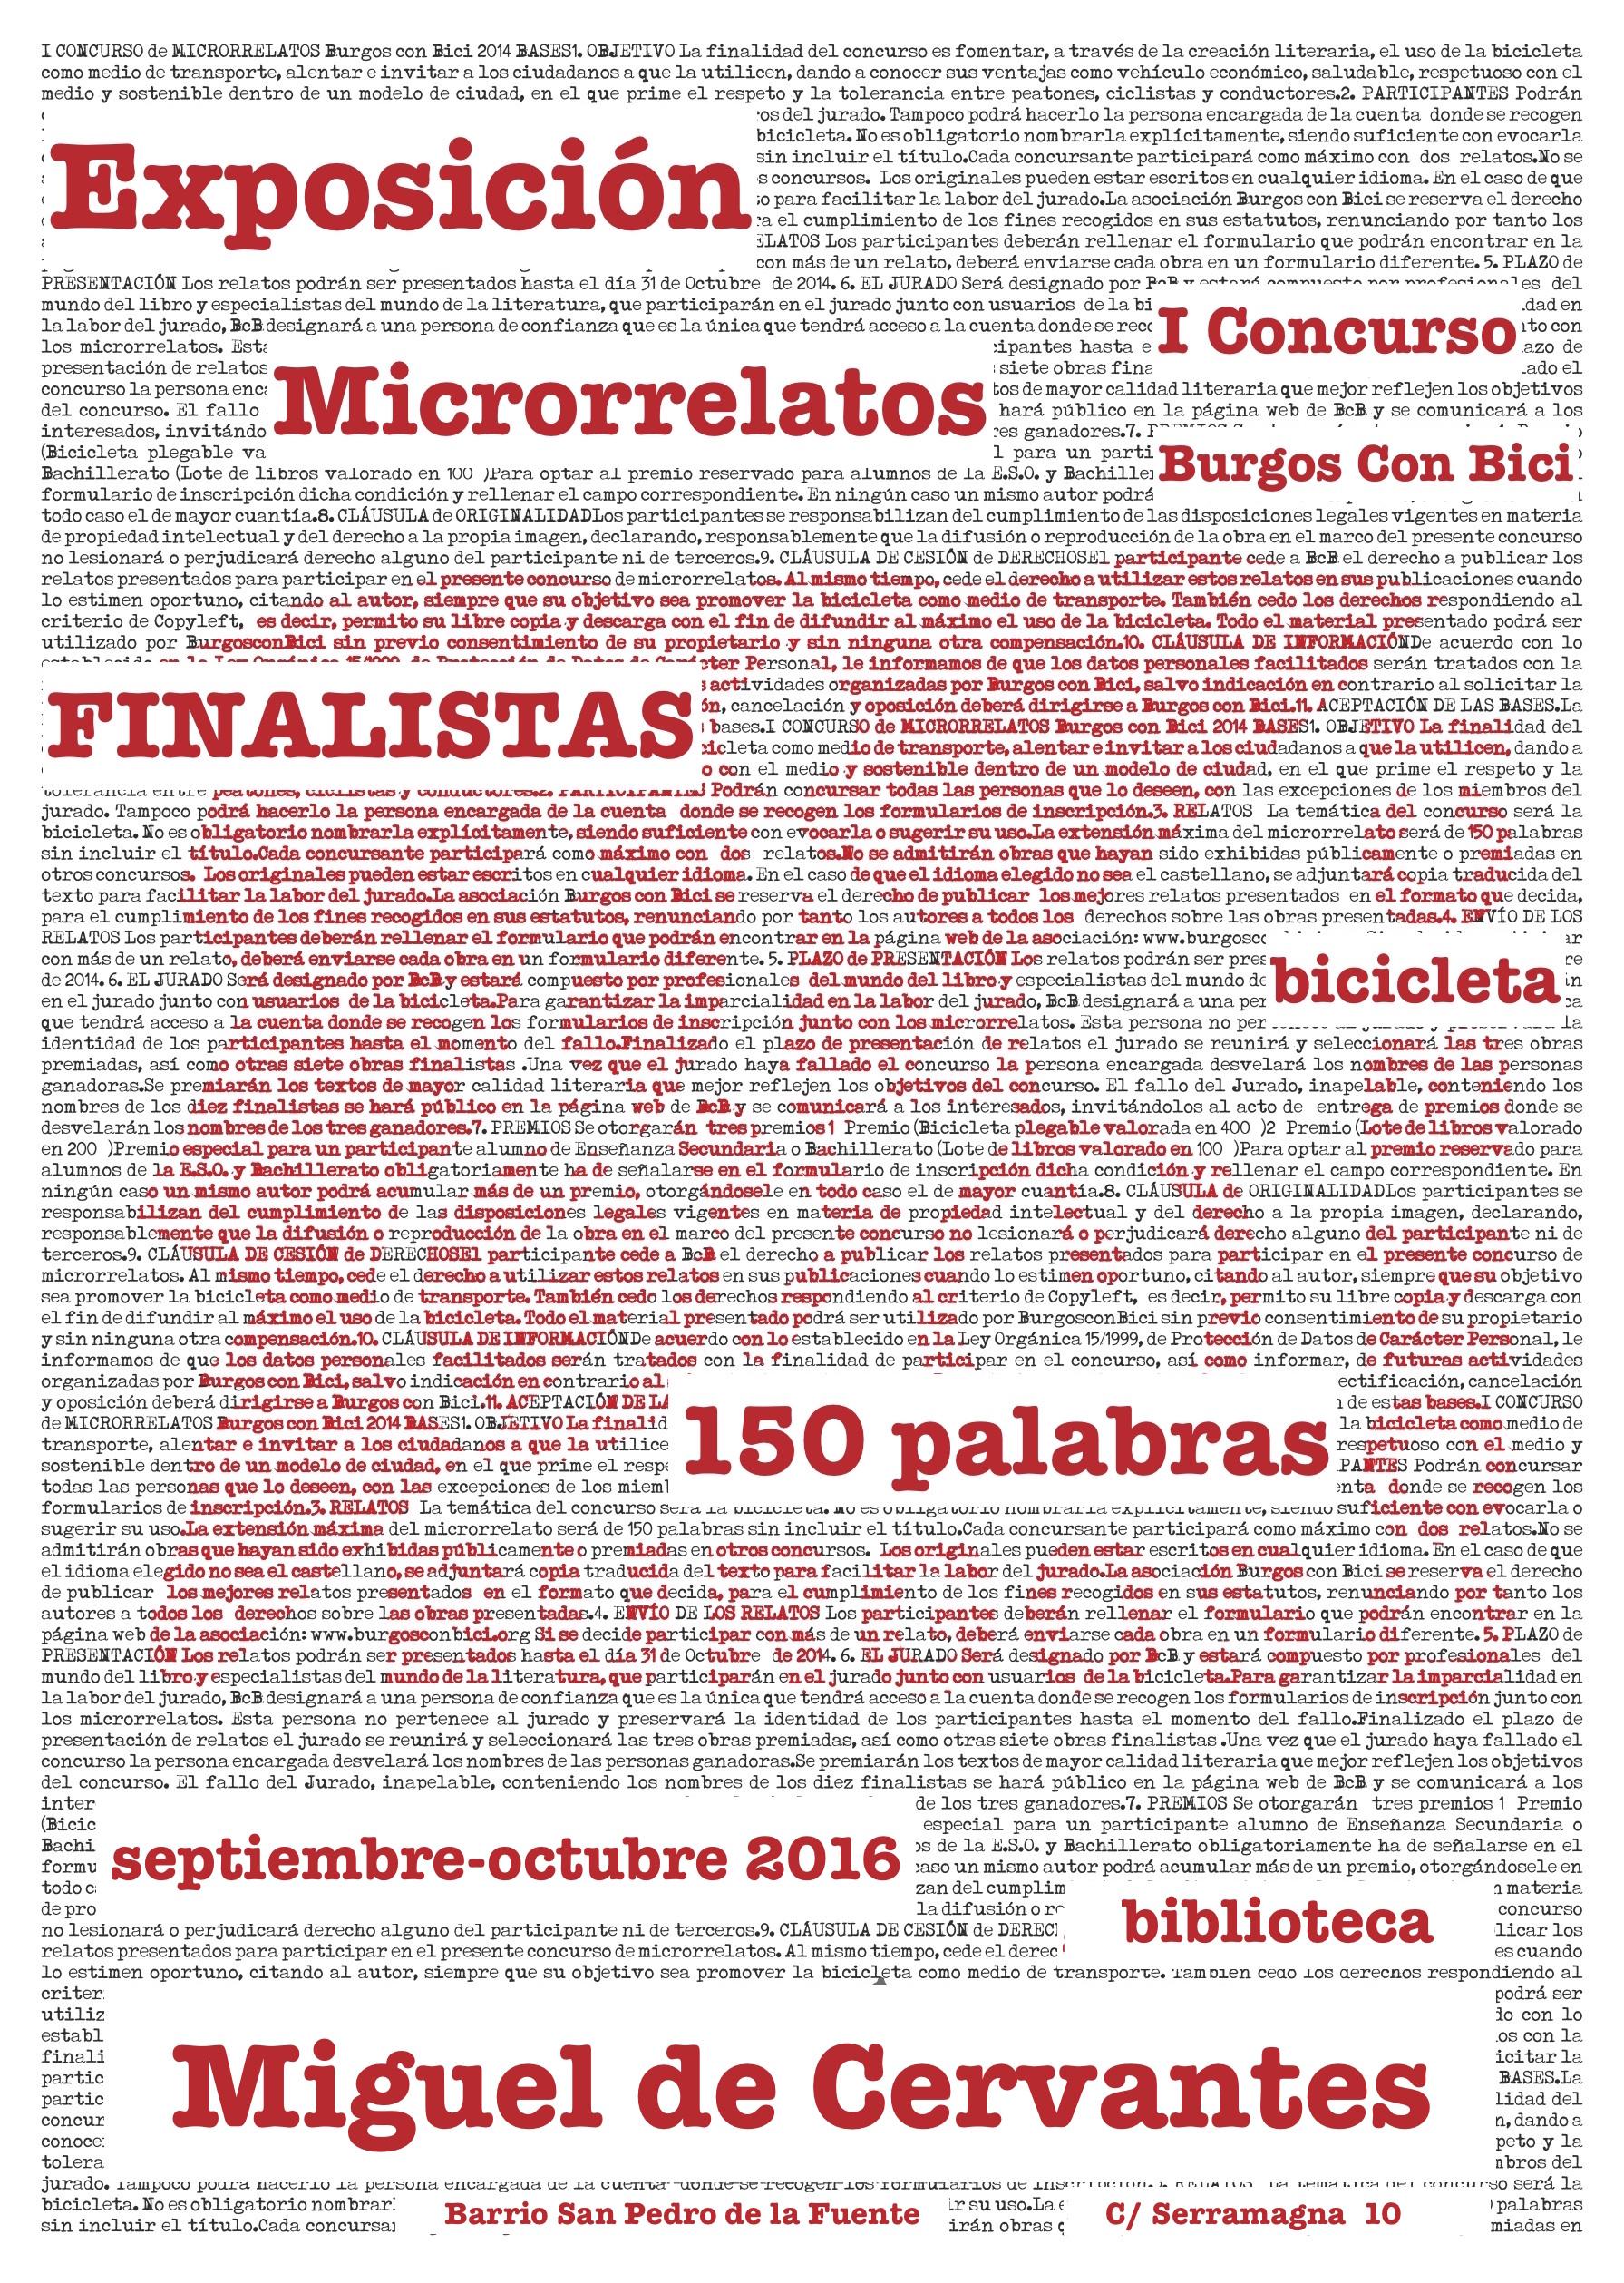 cartel-microrrelatos-exposicion-bibiloteca-cervantes-blanco-y-rojo